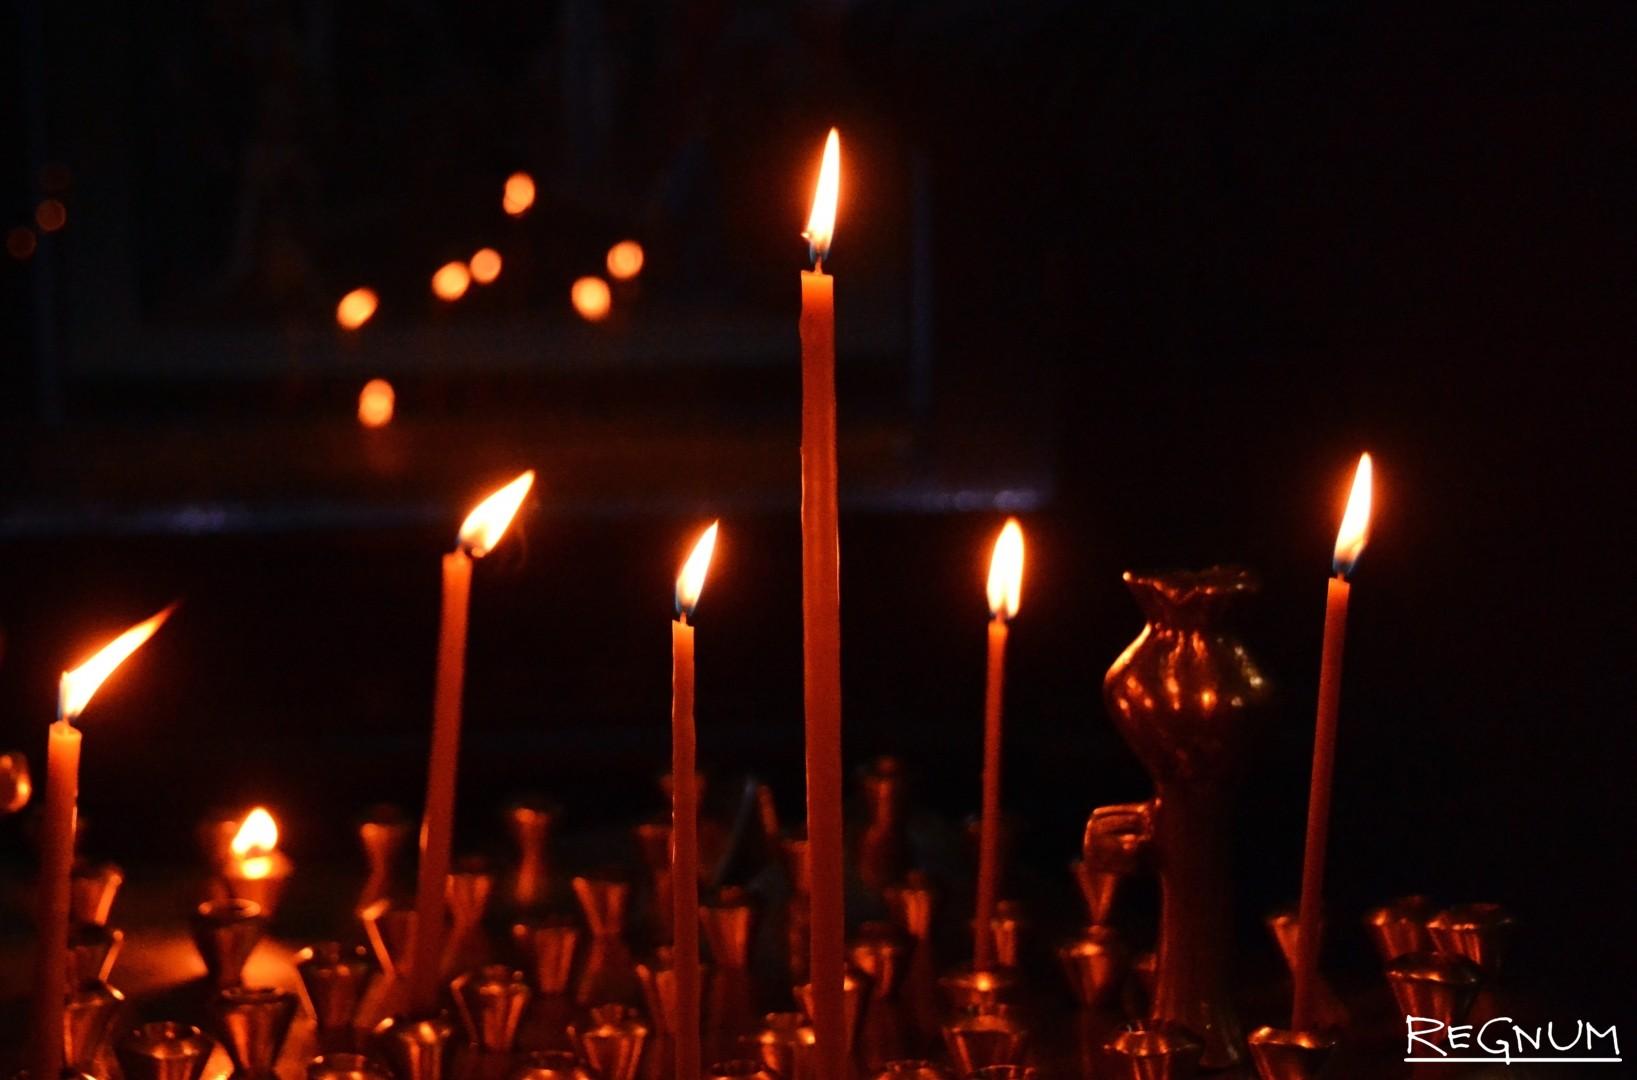 скорбь фото картинки свечи делился фотографиями